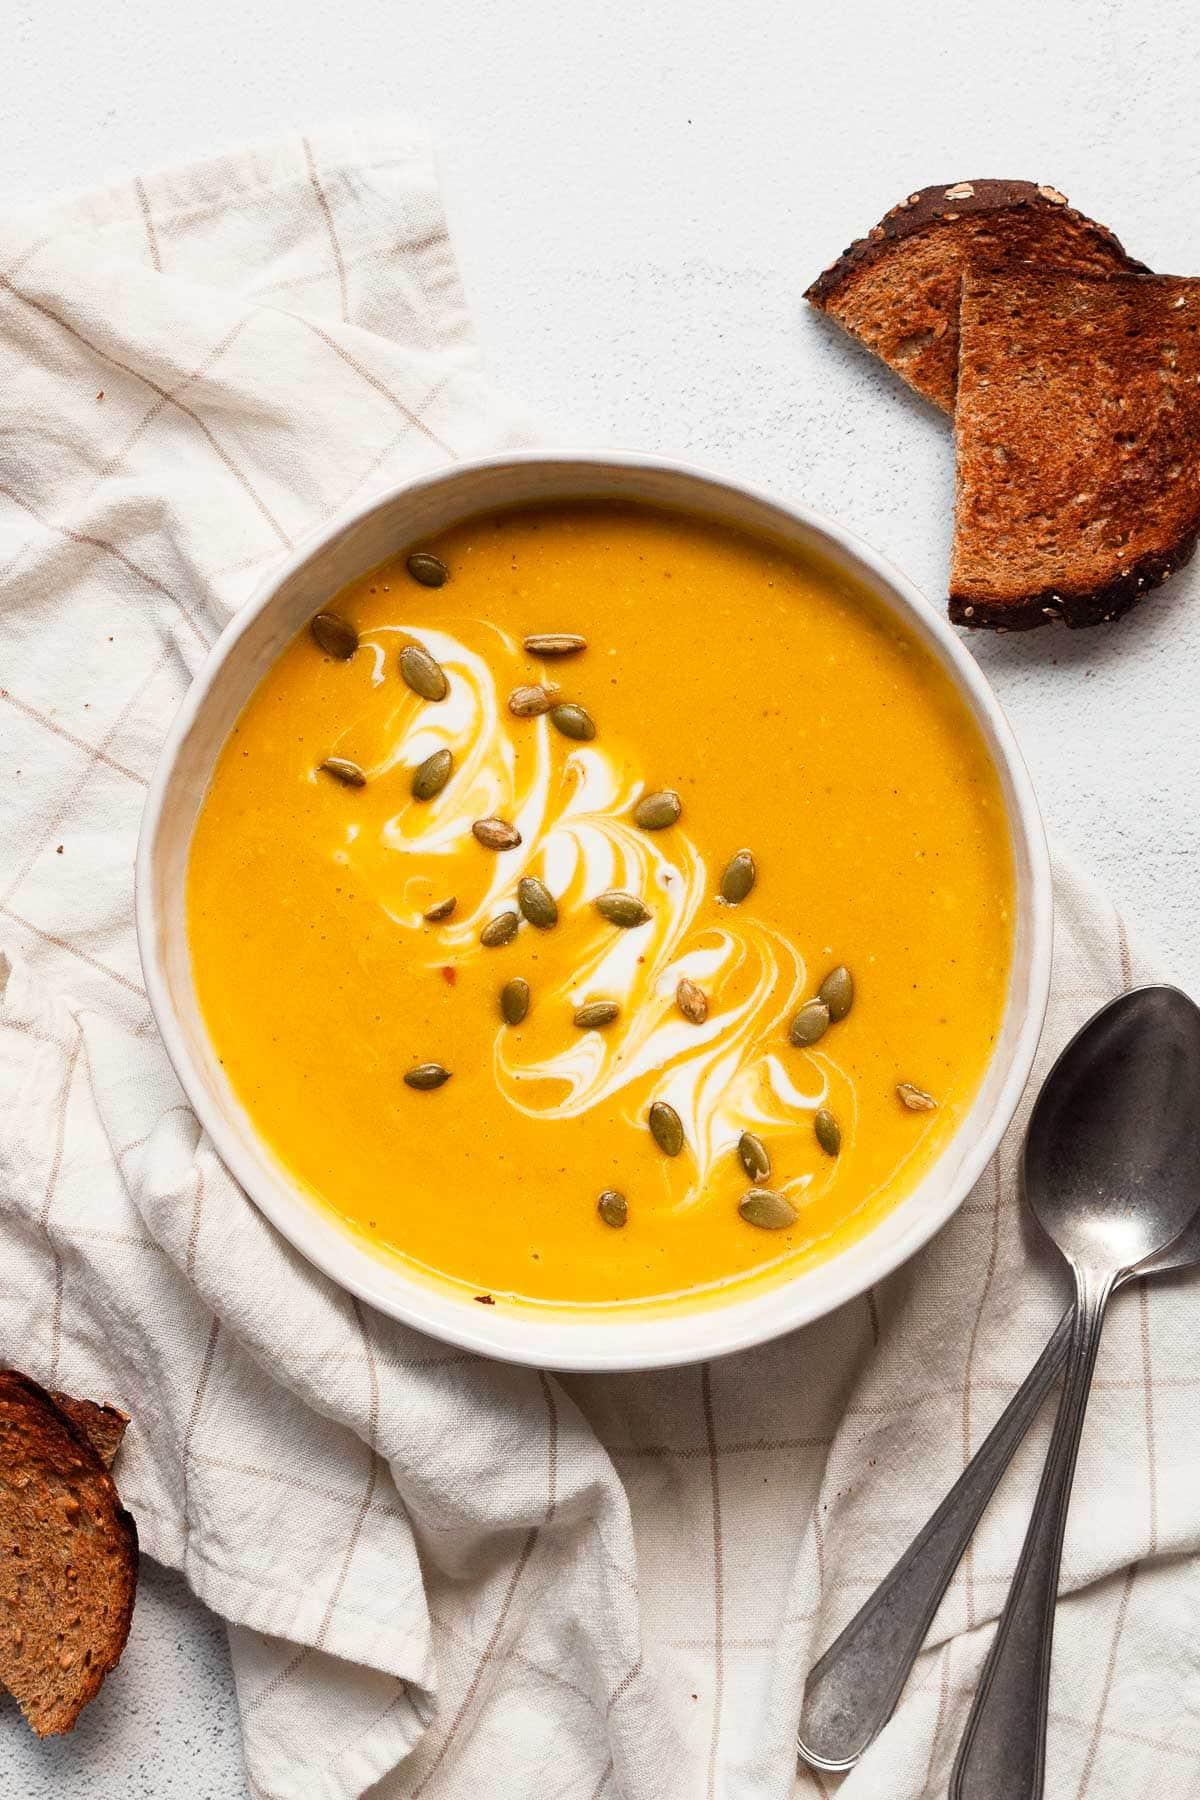 Receta saludable de sopa de calabaza